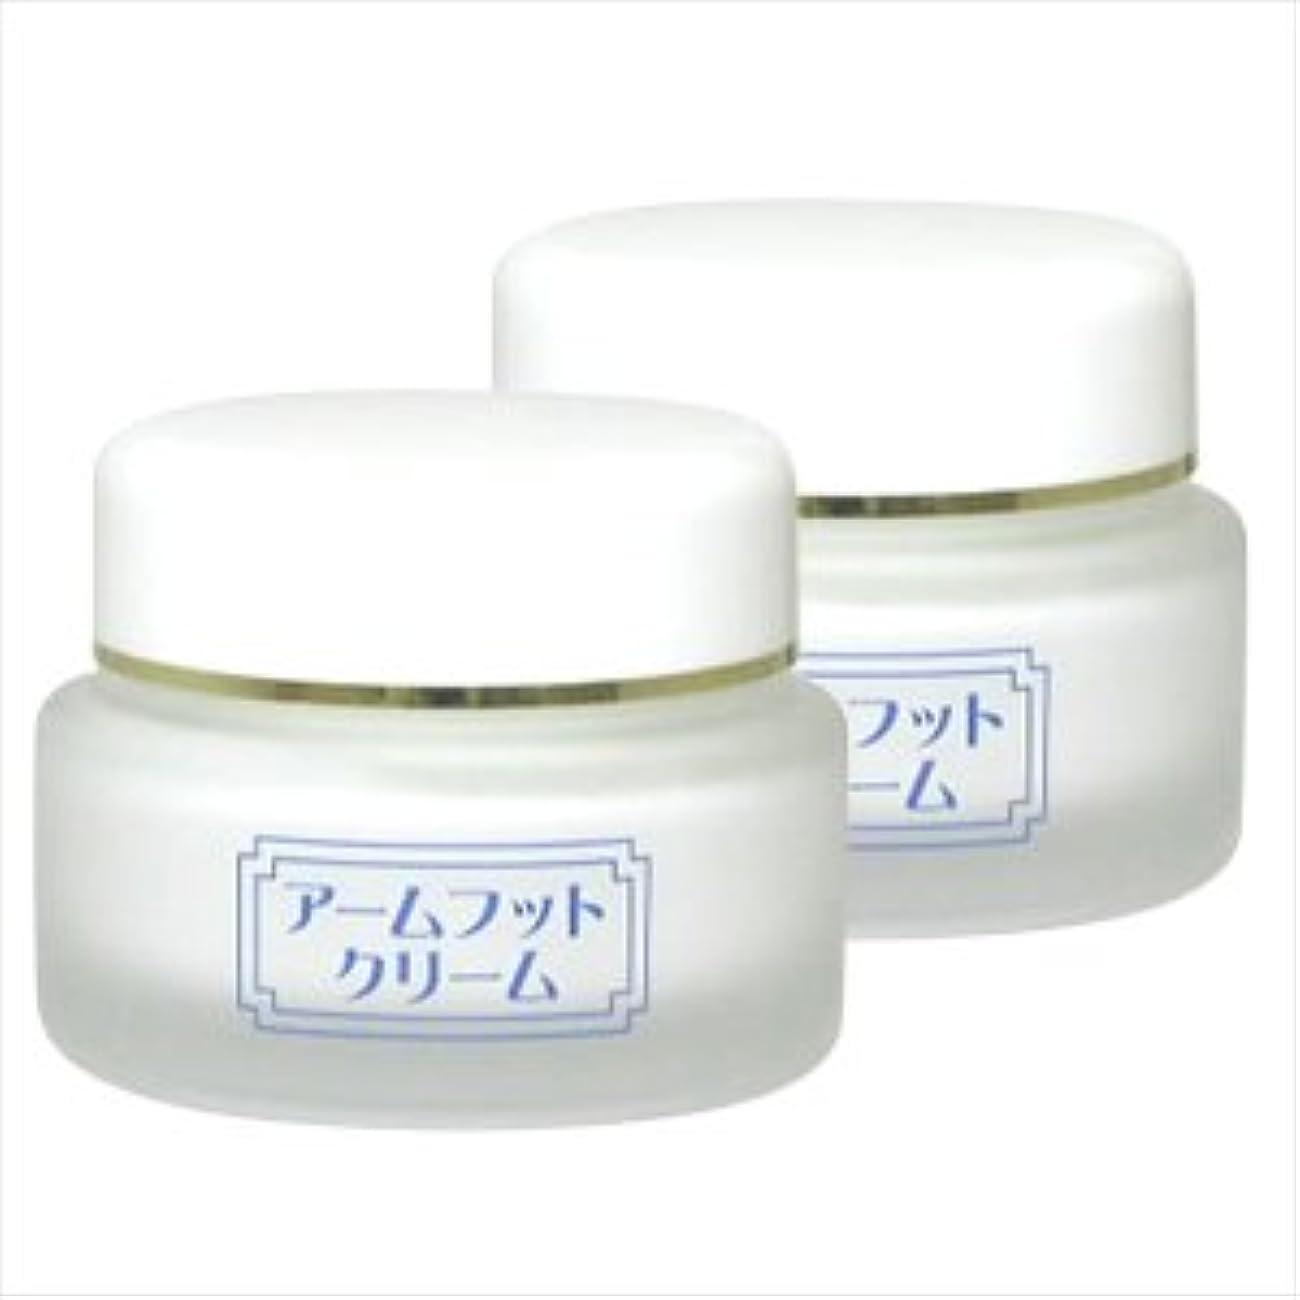 すぐにバウンドバウンド薬用デオドラントクリーム アームフットクリーム(20g) (2個セット)